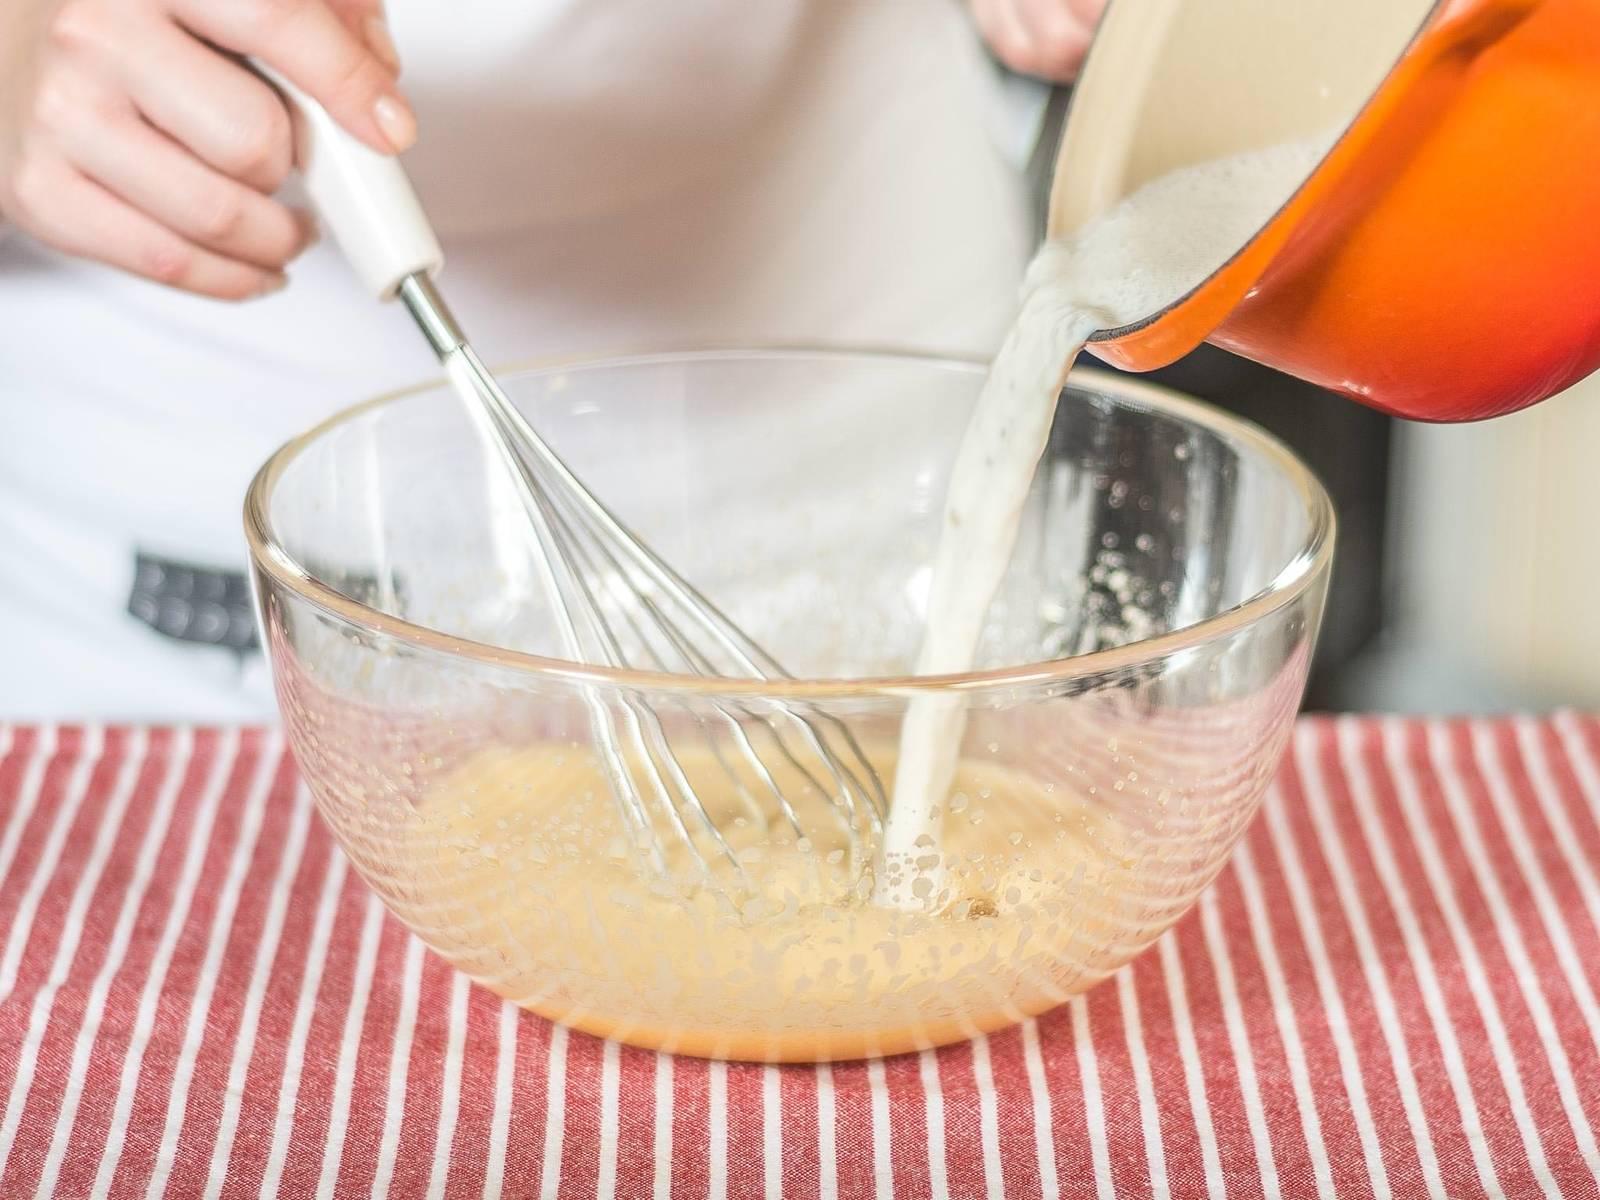 Anschließend die heiße Milch zur Eimasse geben, gut mit einem Schneebesen verrühren und die Masse für ca. 1 h auf Raumtemperatur herunterkühlen lassen.